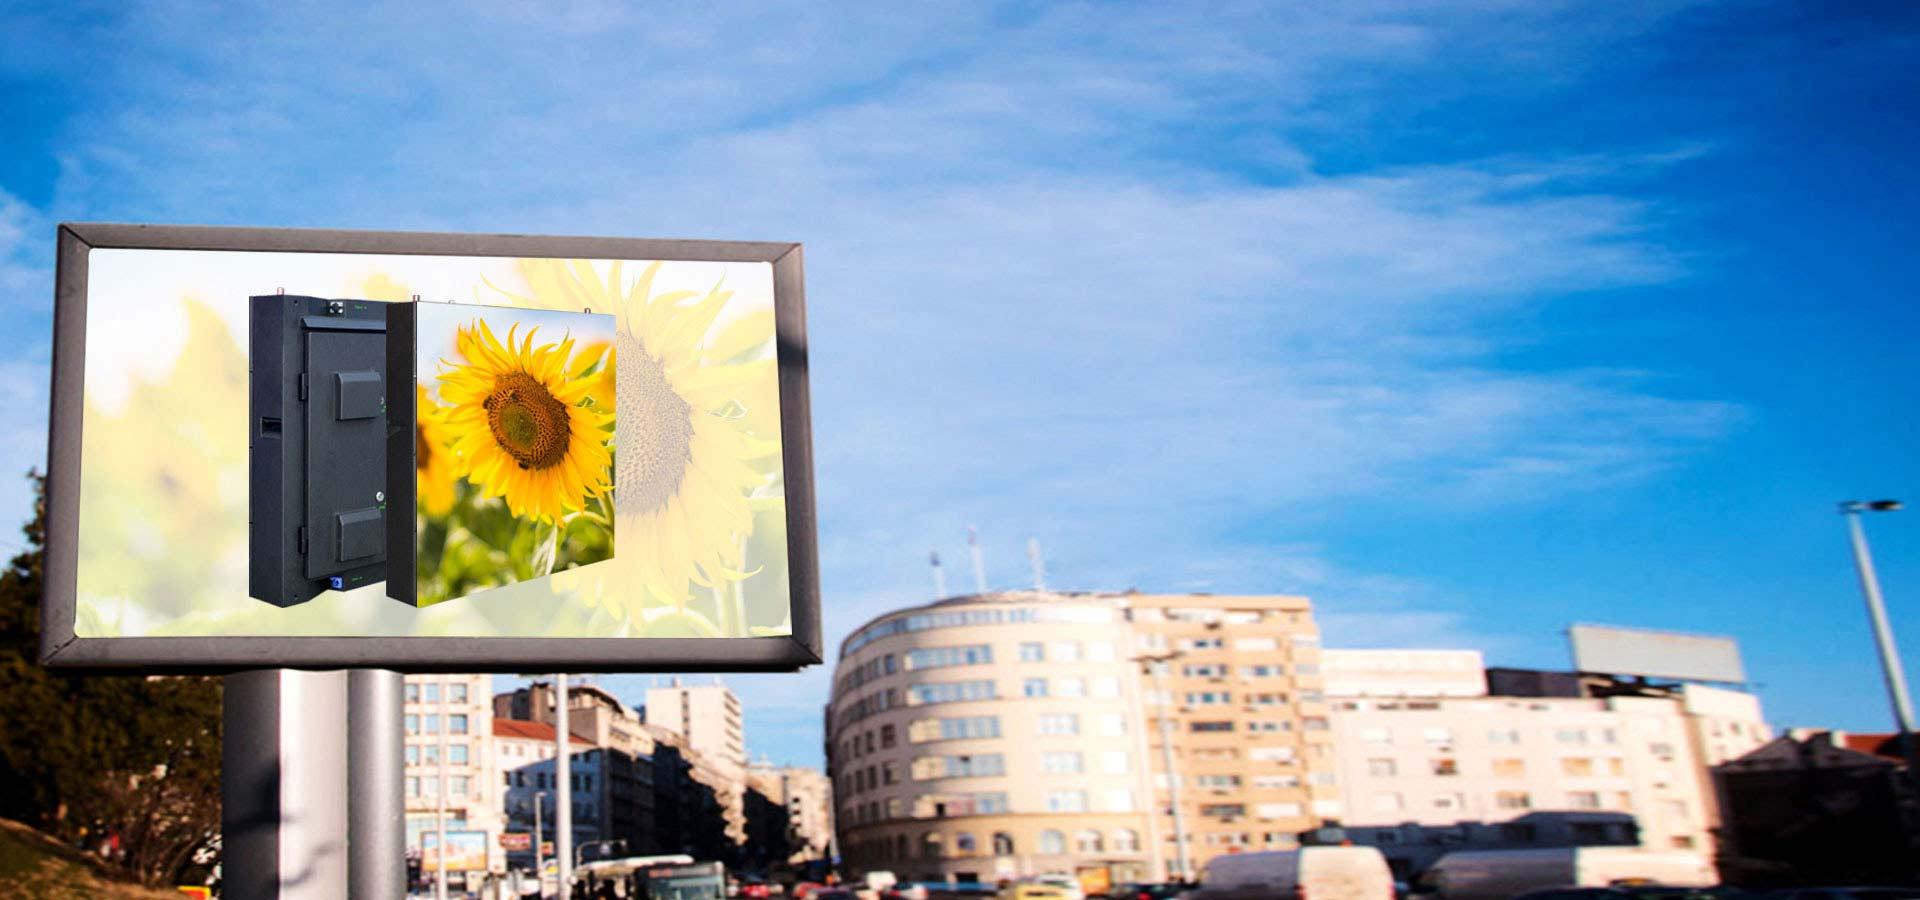 美亚迪介绍户外LED大显示屏有什么特点?